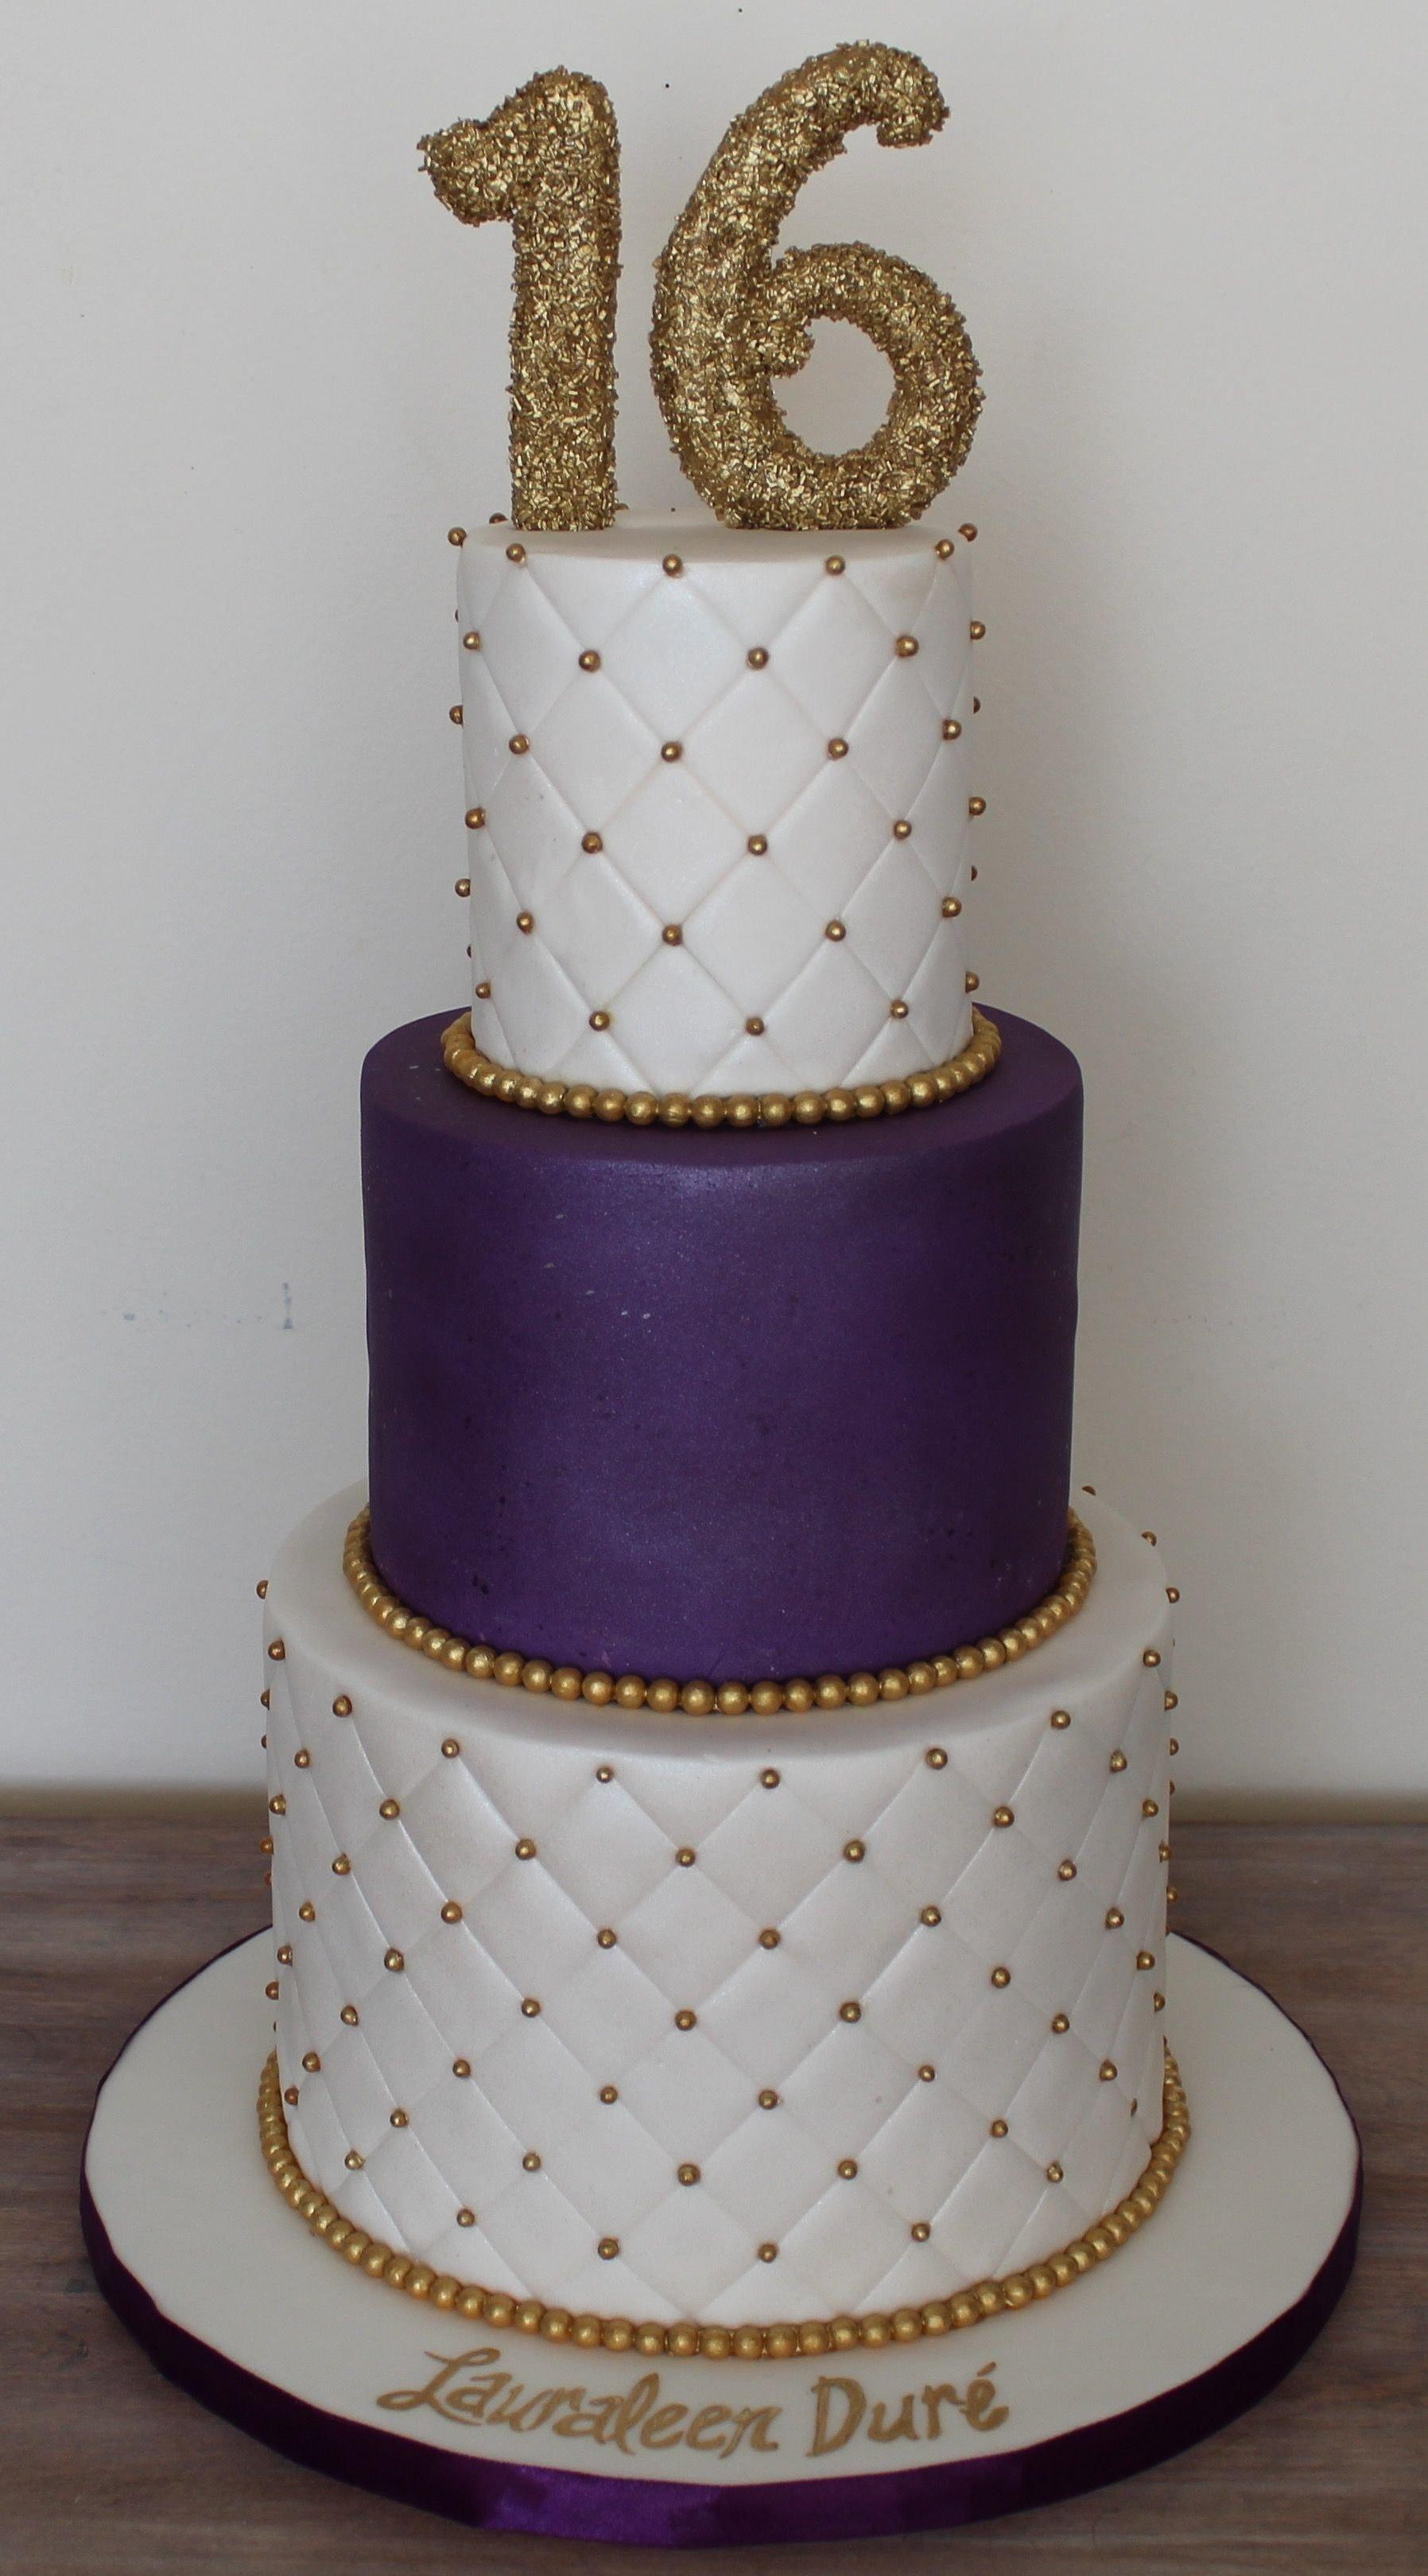 10 Stunning Sweet 16 Birthday Cake Ideas